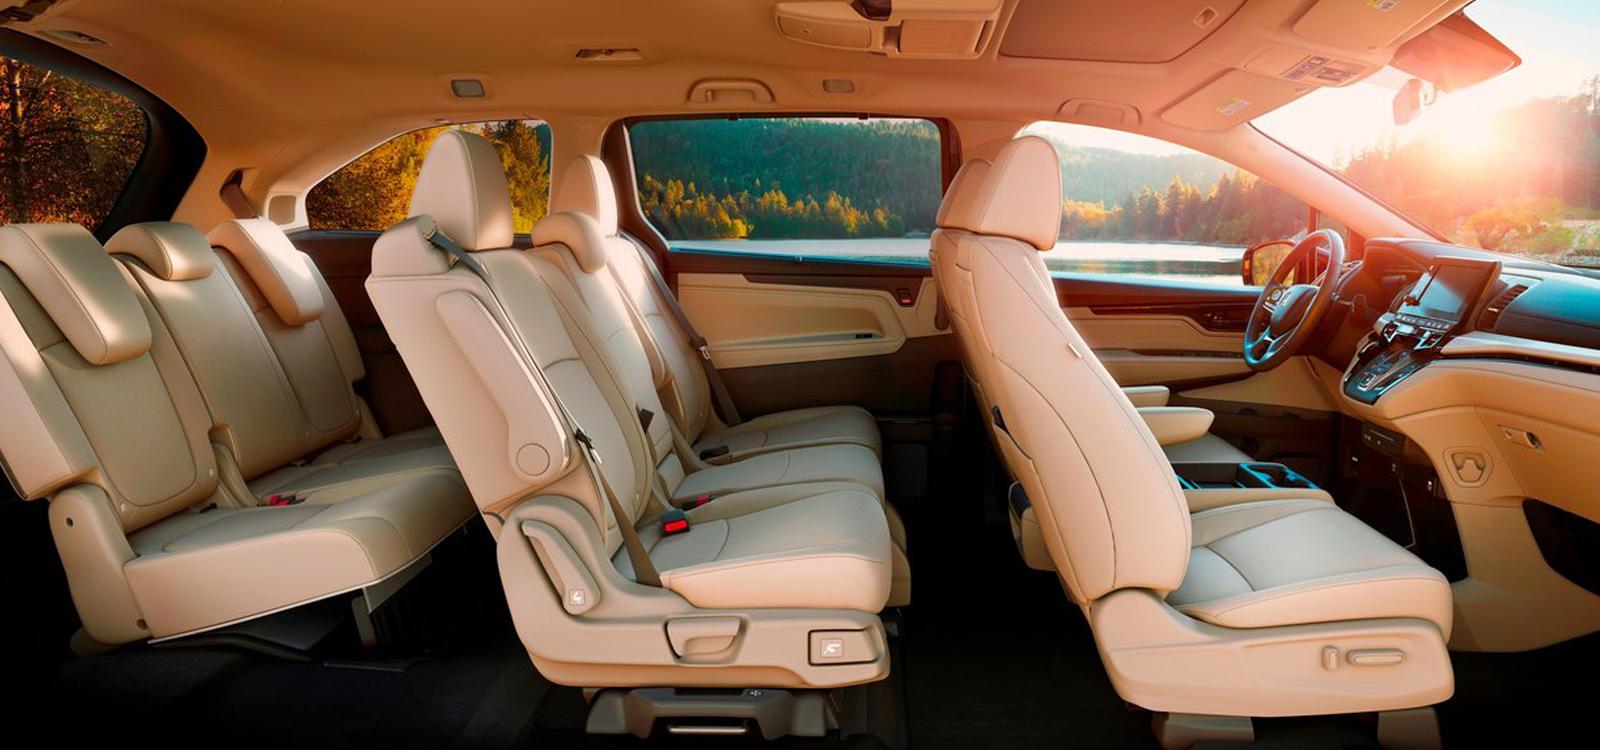 Honda Odyssey 2018 full inside shot